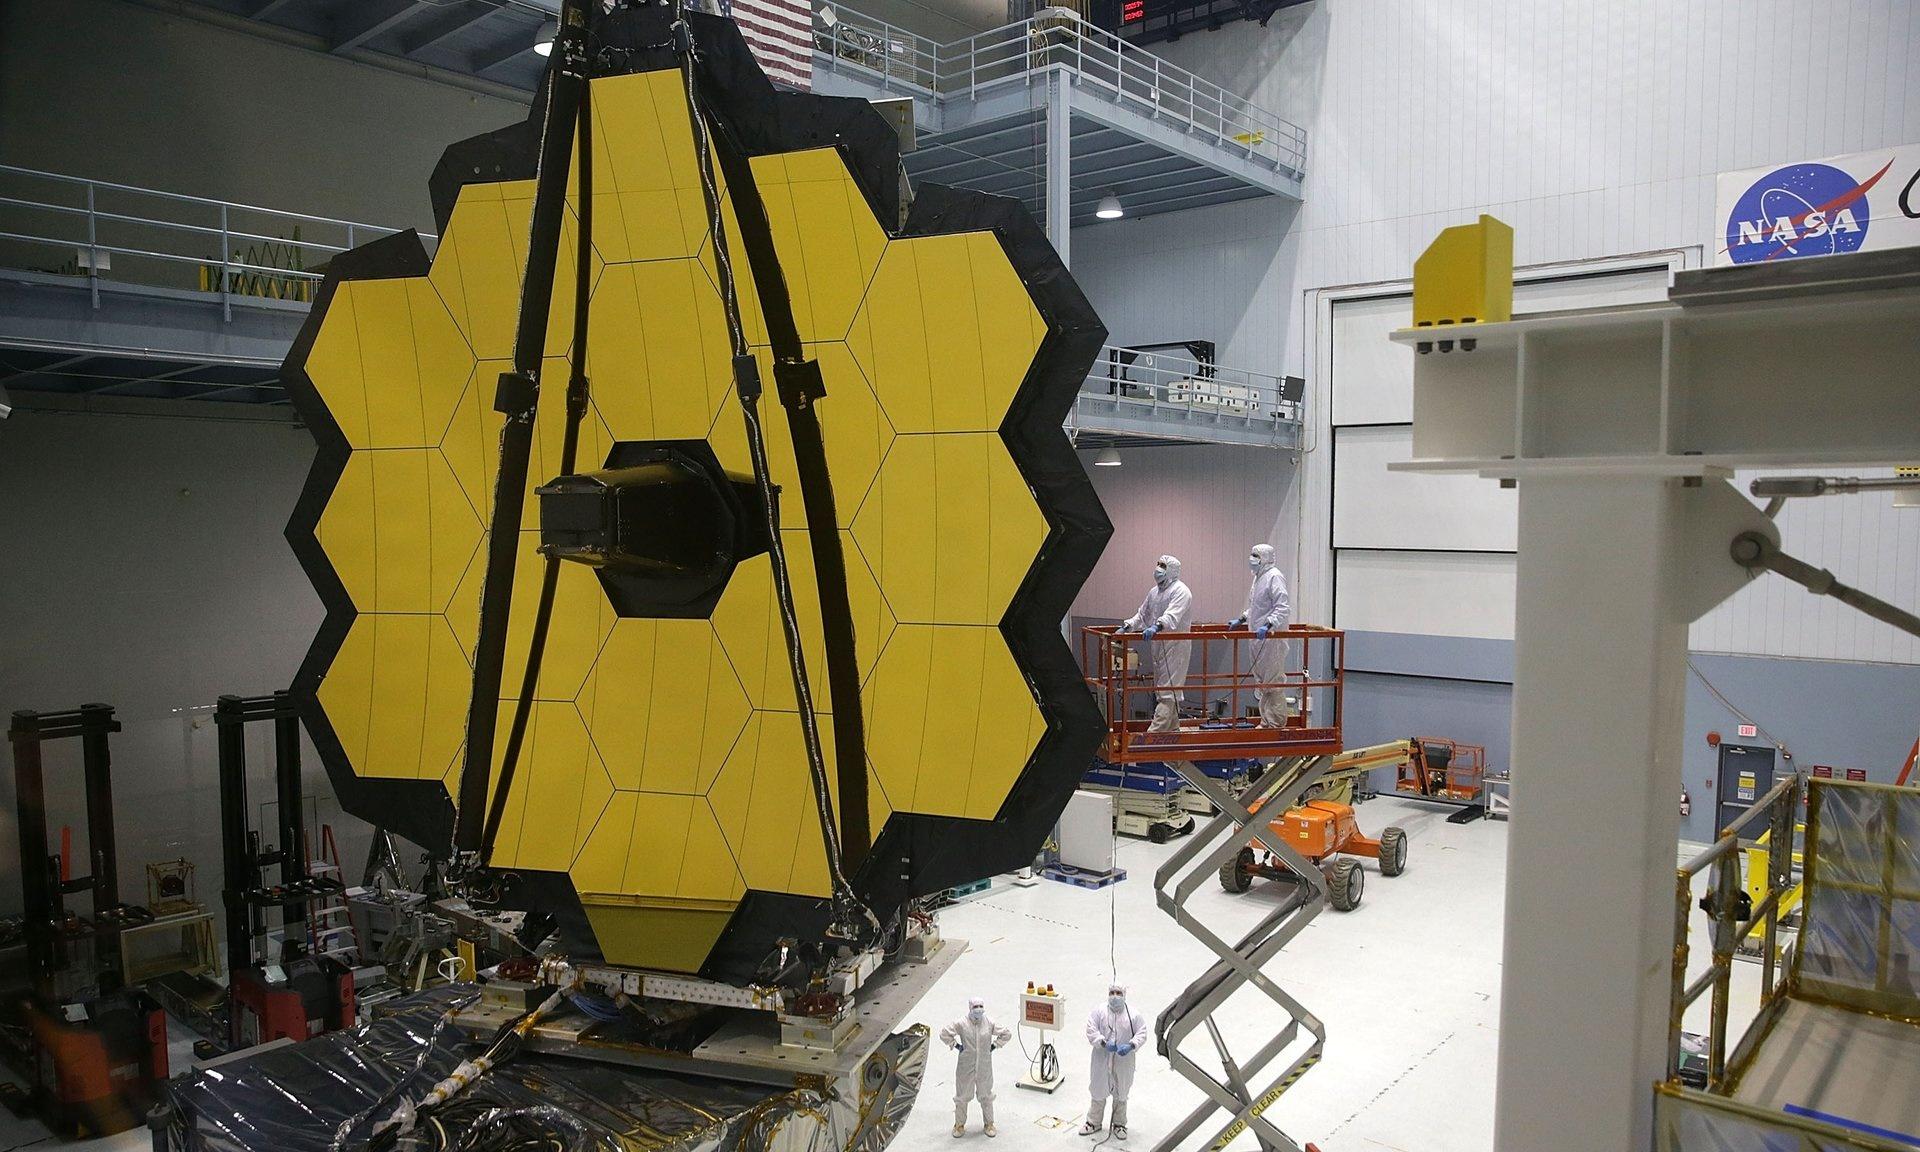 تکمیل بزرگترین تلسکوپ فضایی با آینههایی از طلا